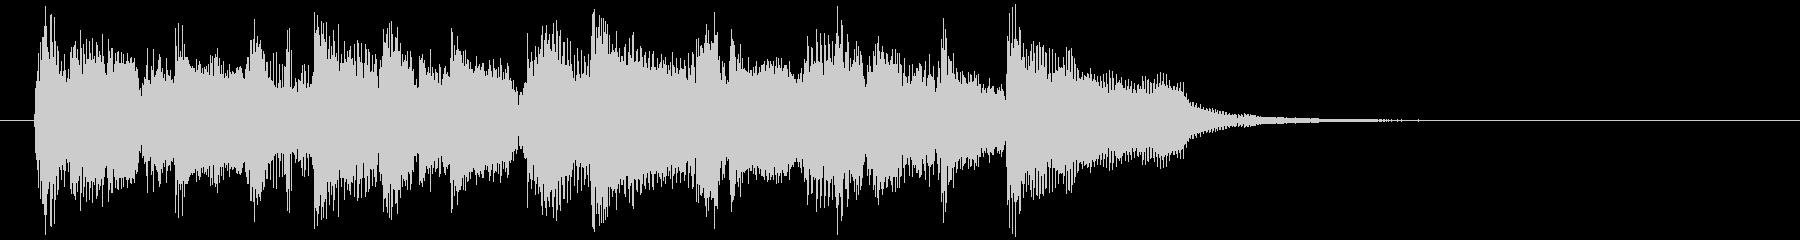 軽快なサックスのジャズファンク系ジングルの未再生の波形